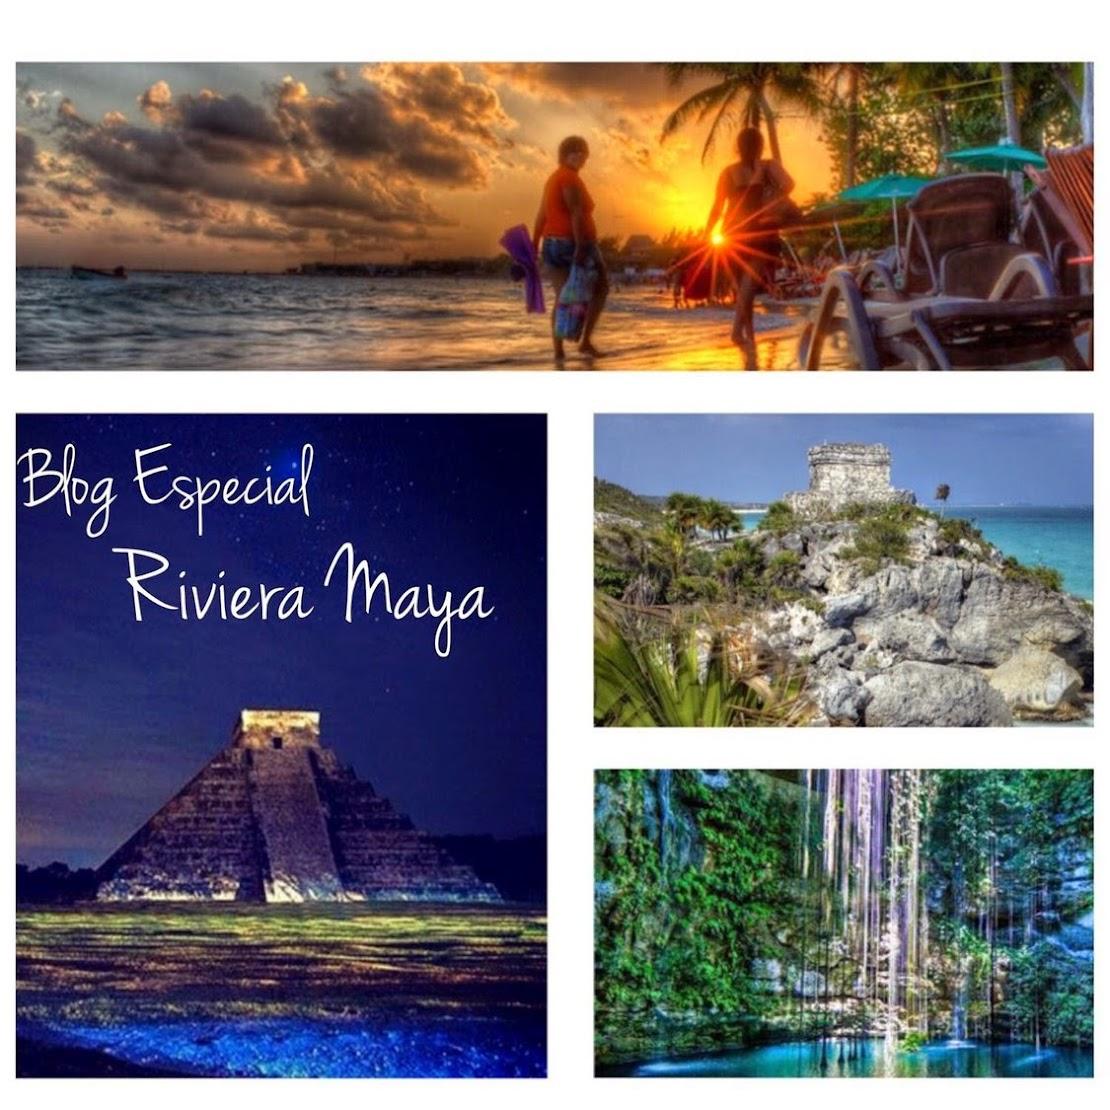 Blog Especial Riviera Maya